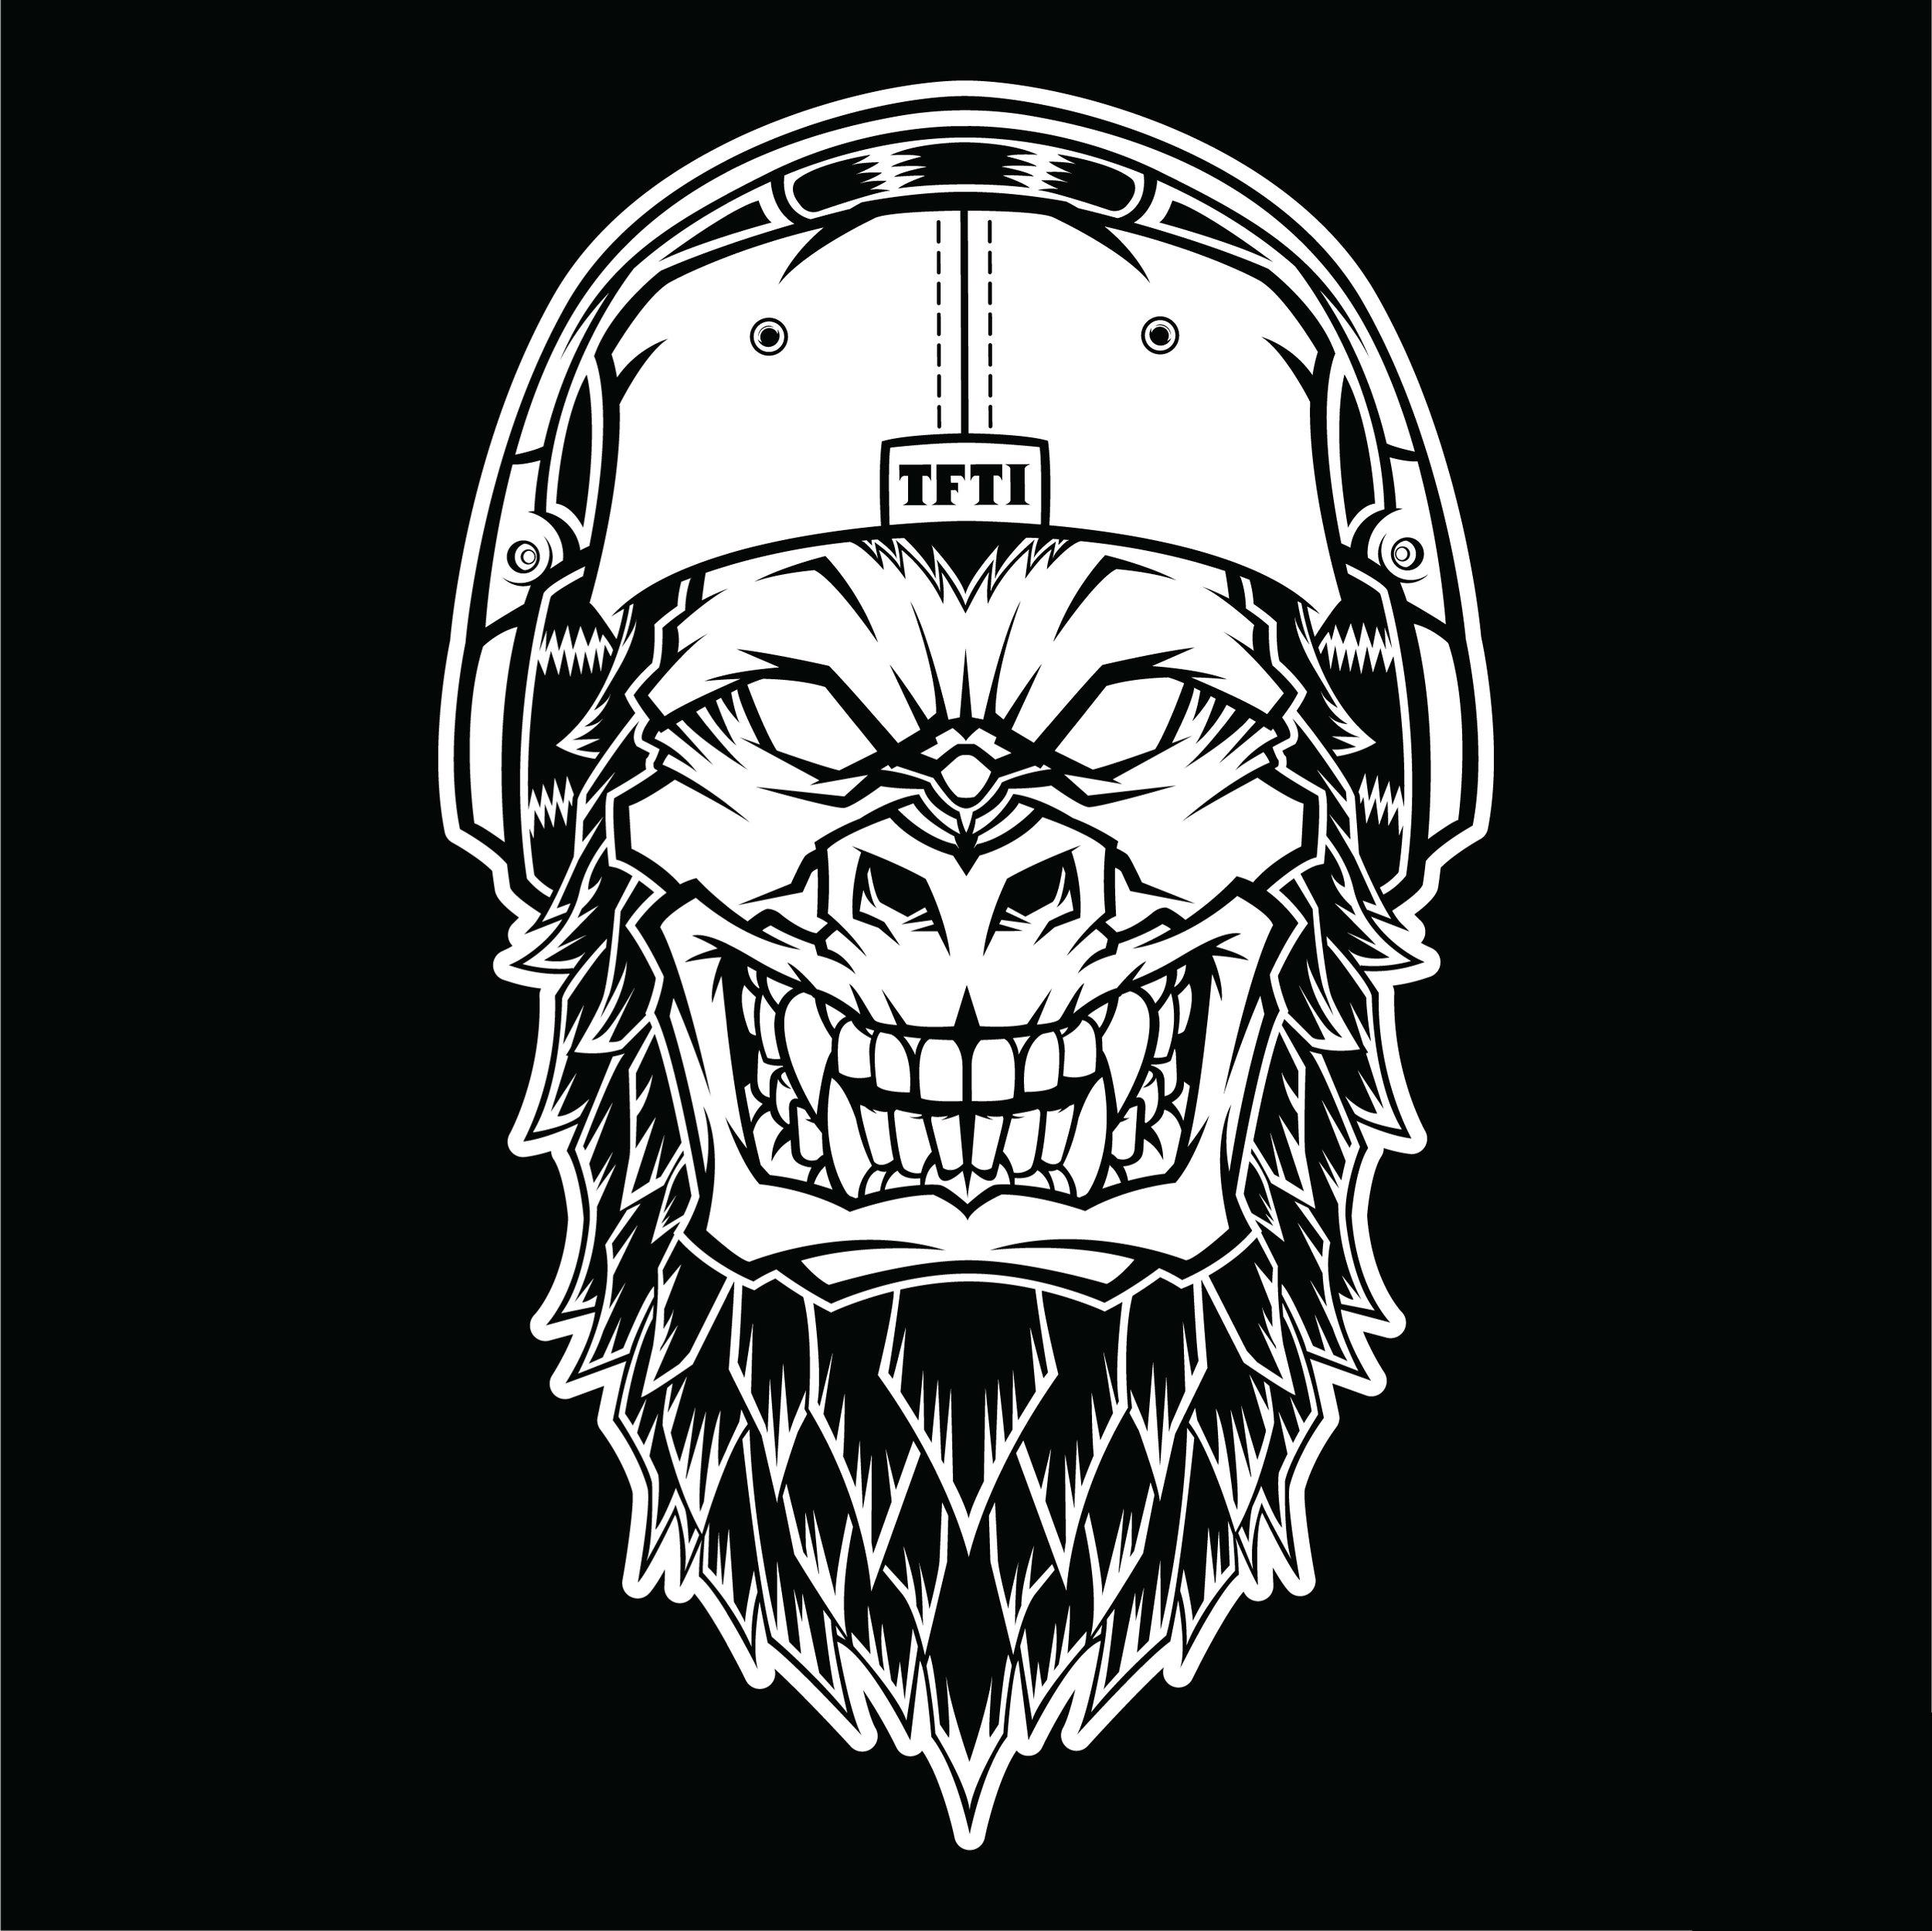 tfti-vector-logo-podcast-ape-black.jpg